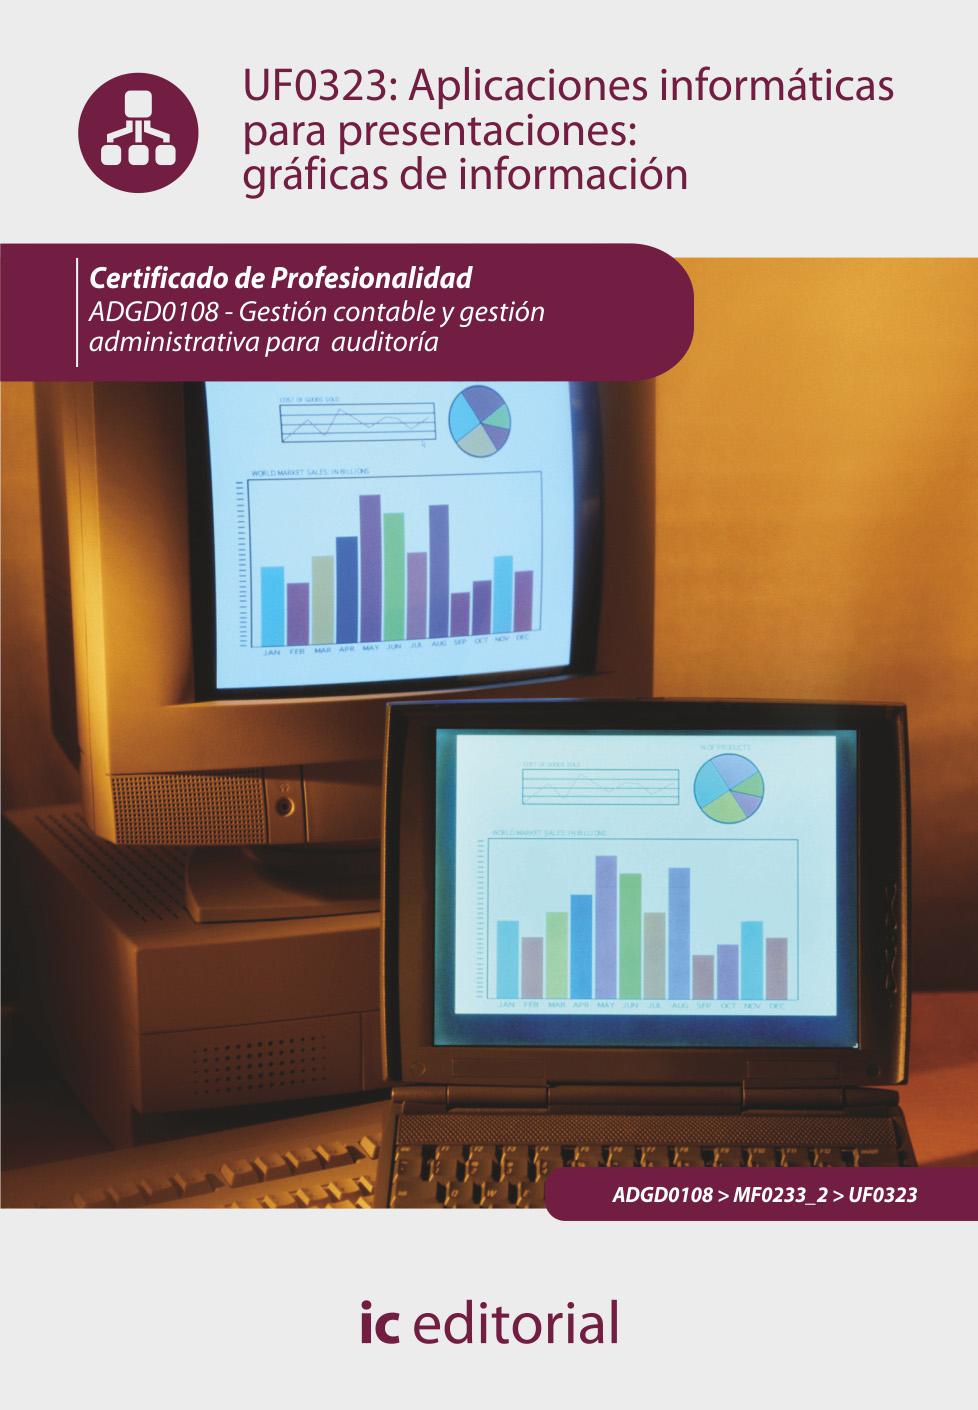 Aplicaciones informáticas para presentaciones: gráficas de información UF0323 (adgd0108)